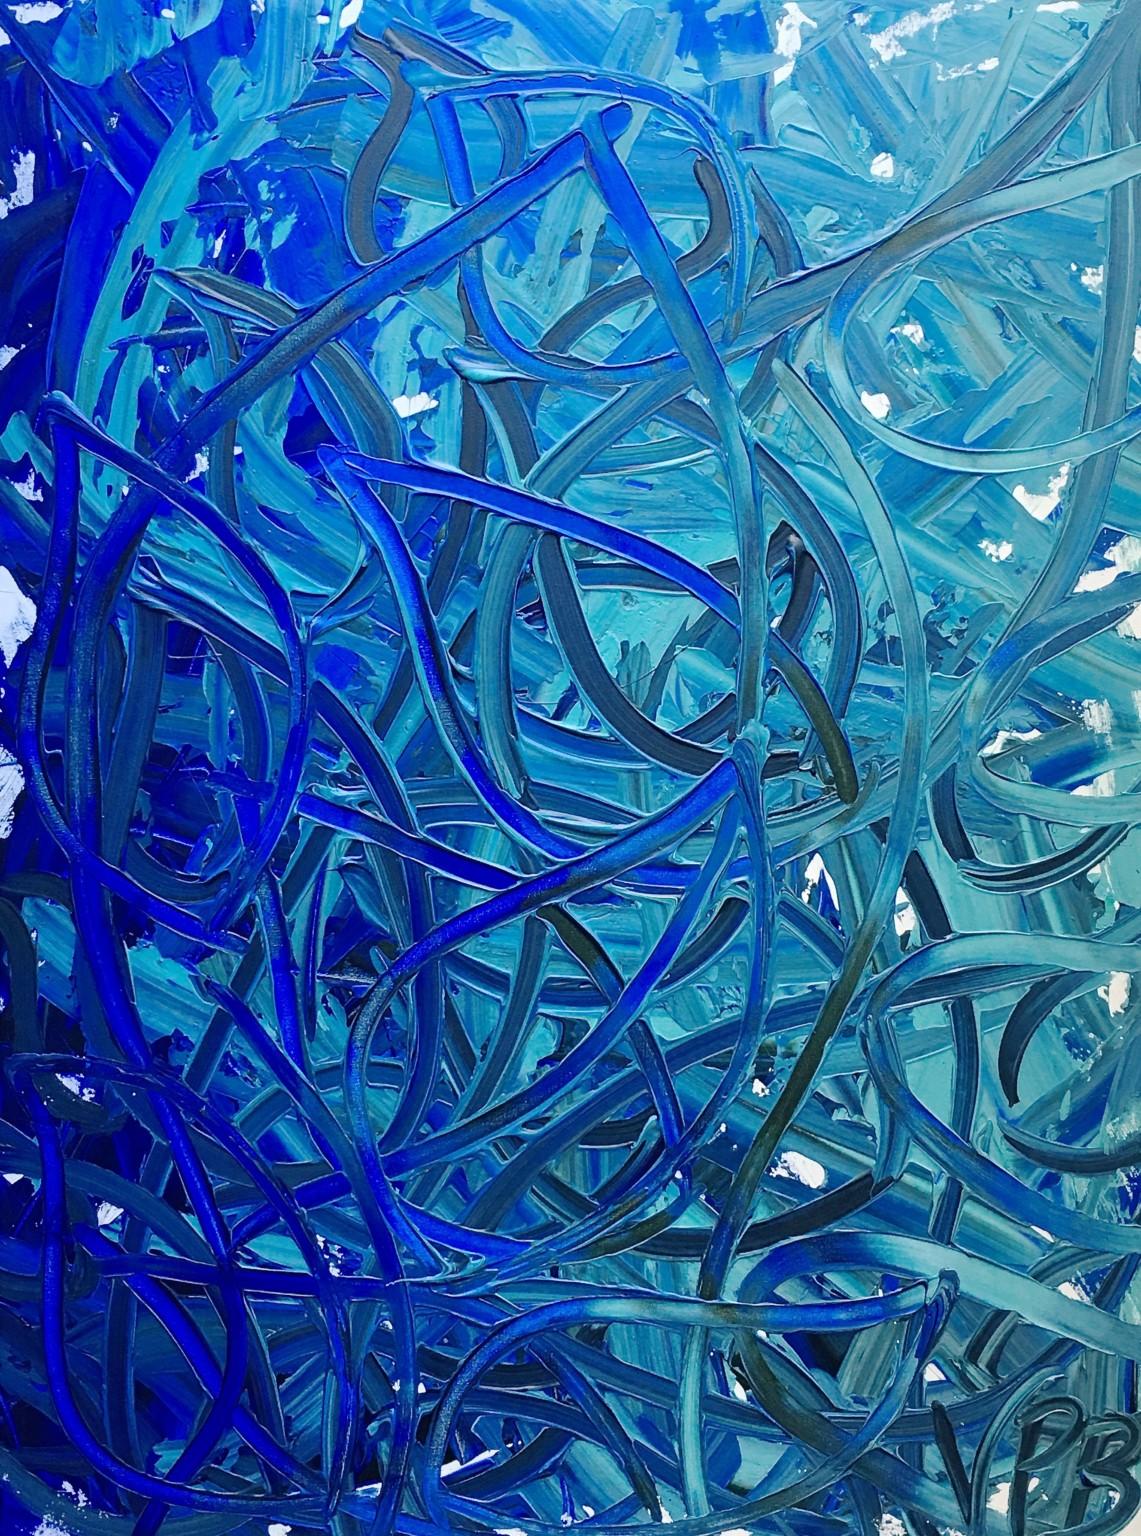 Floating Leaves Dancing In Spring Dawn original painting part of Blue Reverie series by Vera Blagev